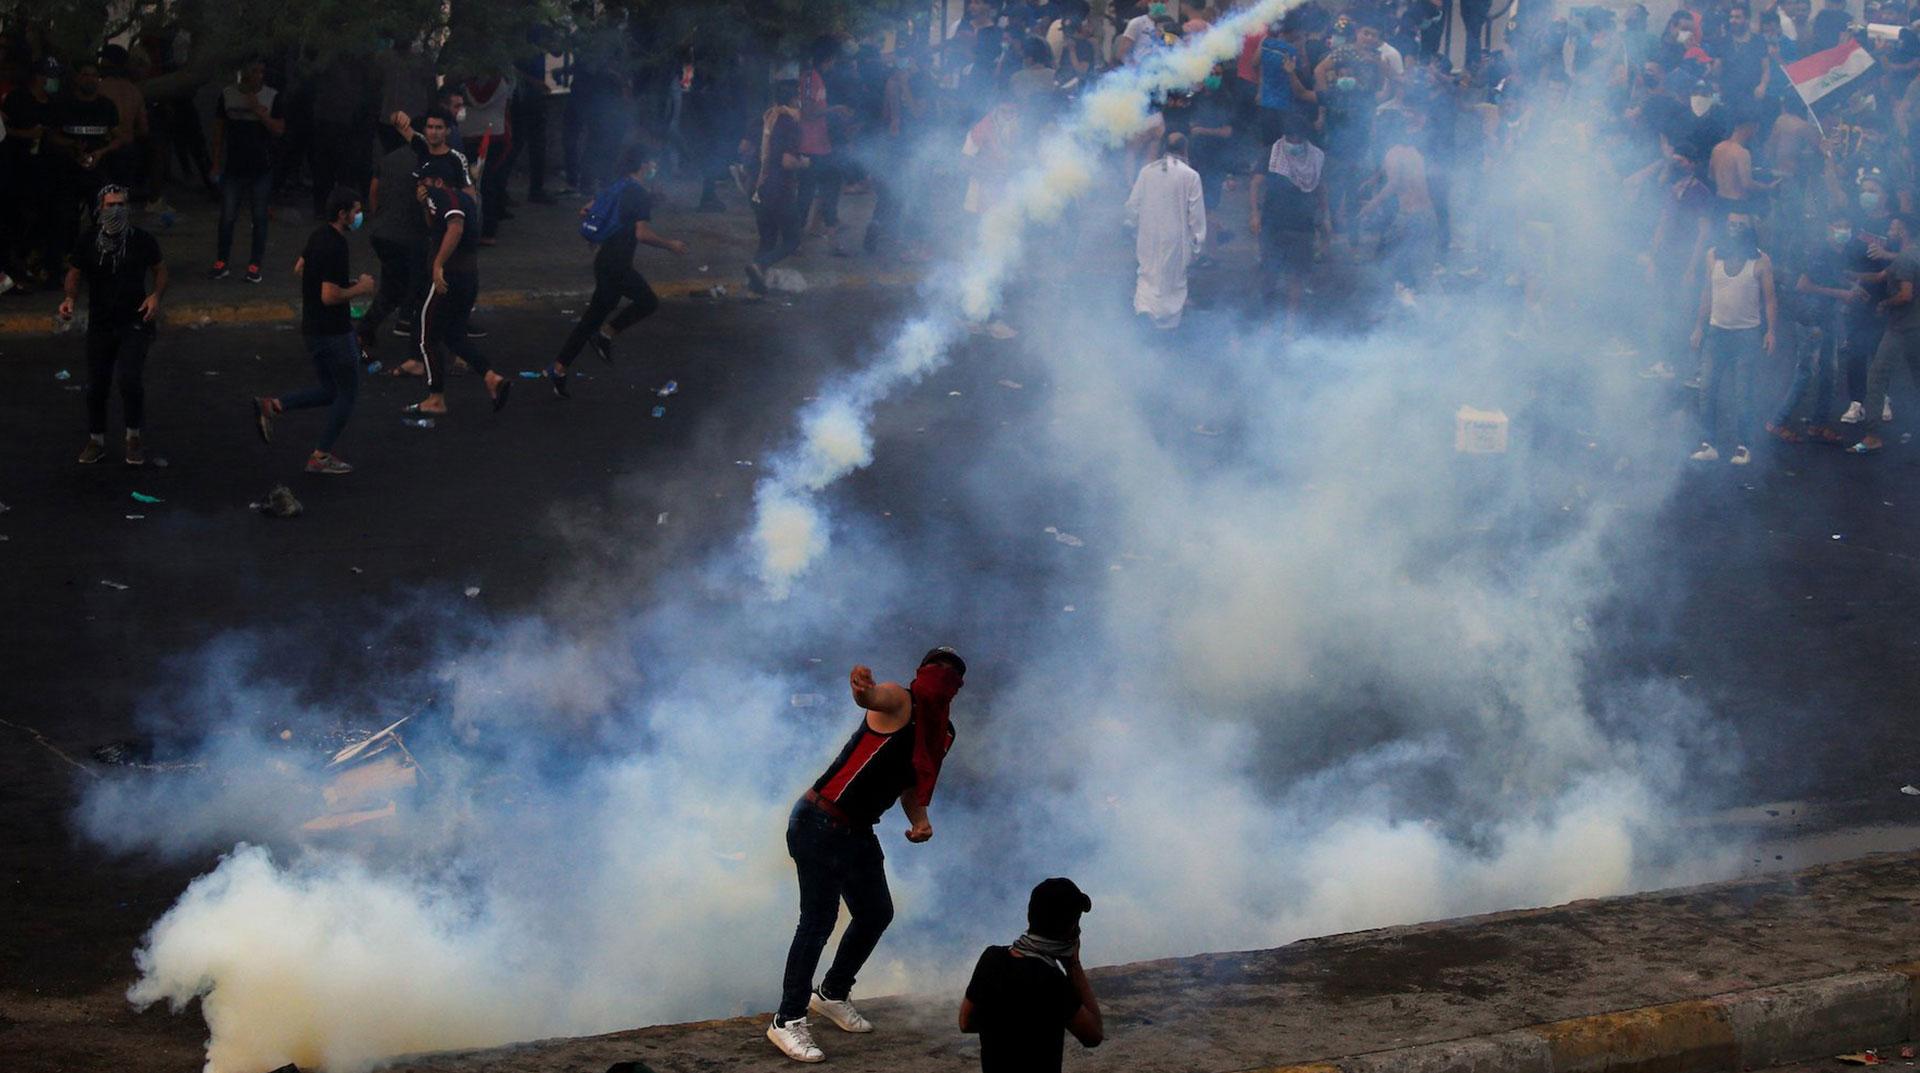 Başbakan'dan Göstericilere 'Müebbet Hapis' Tehdidi